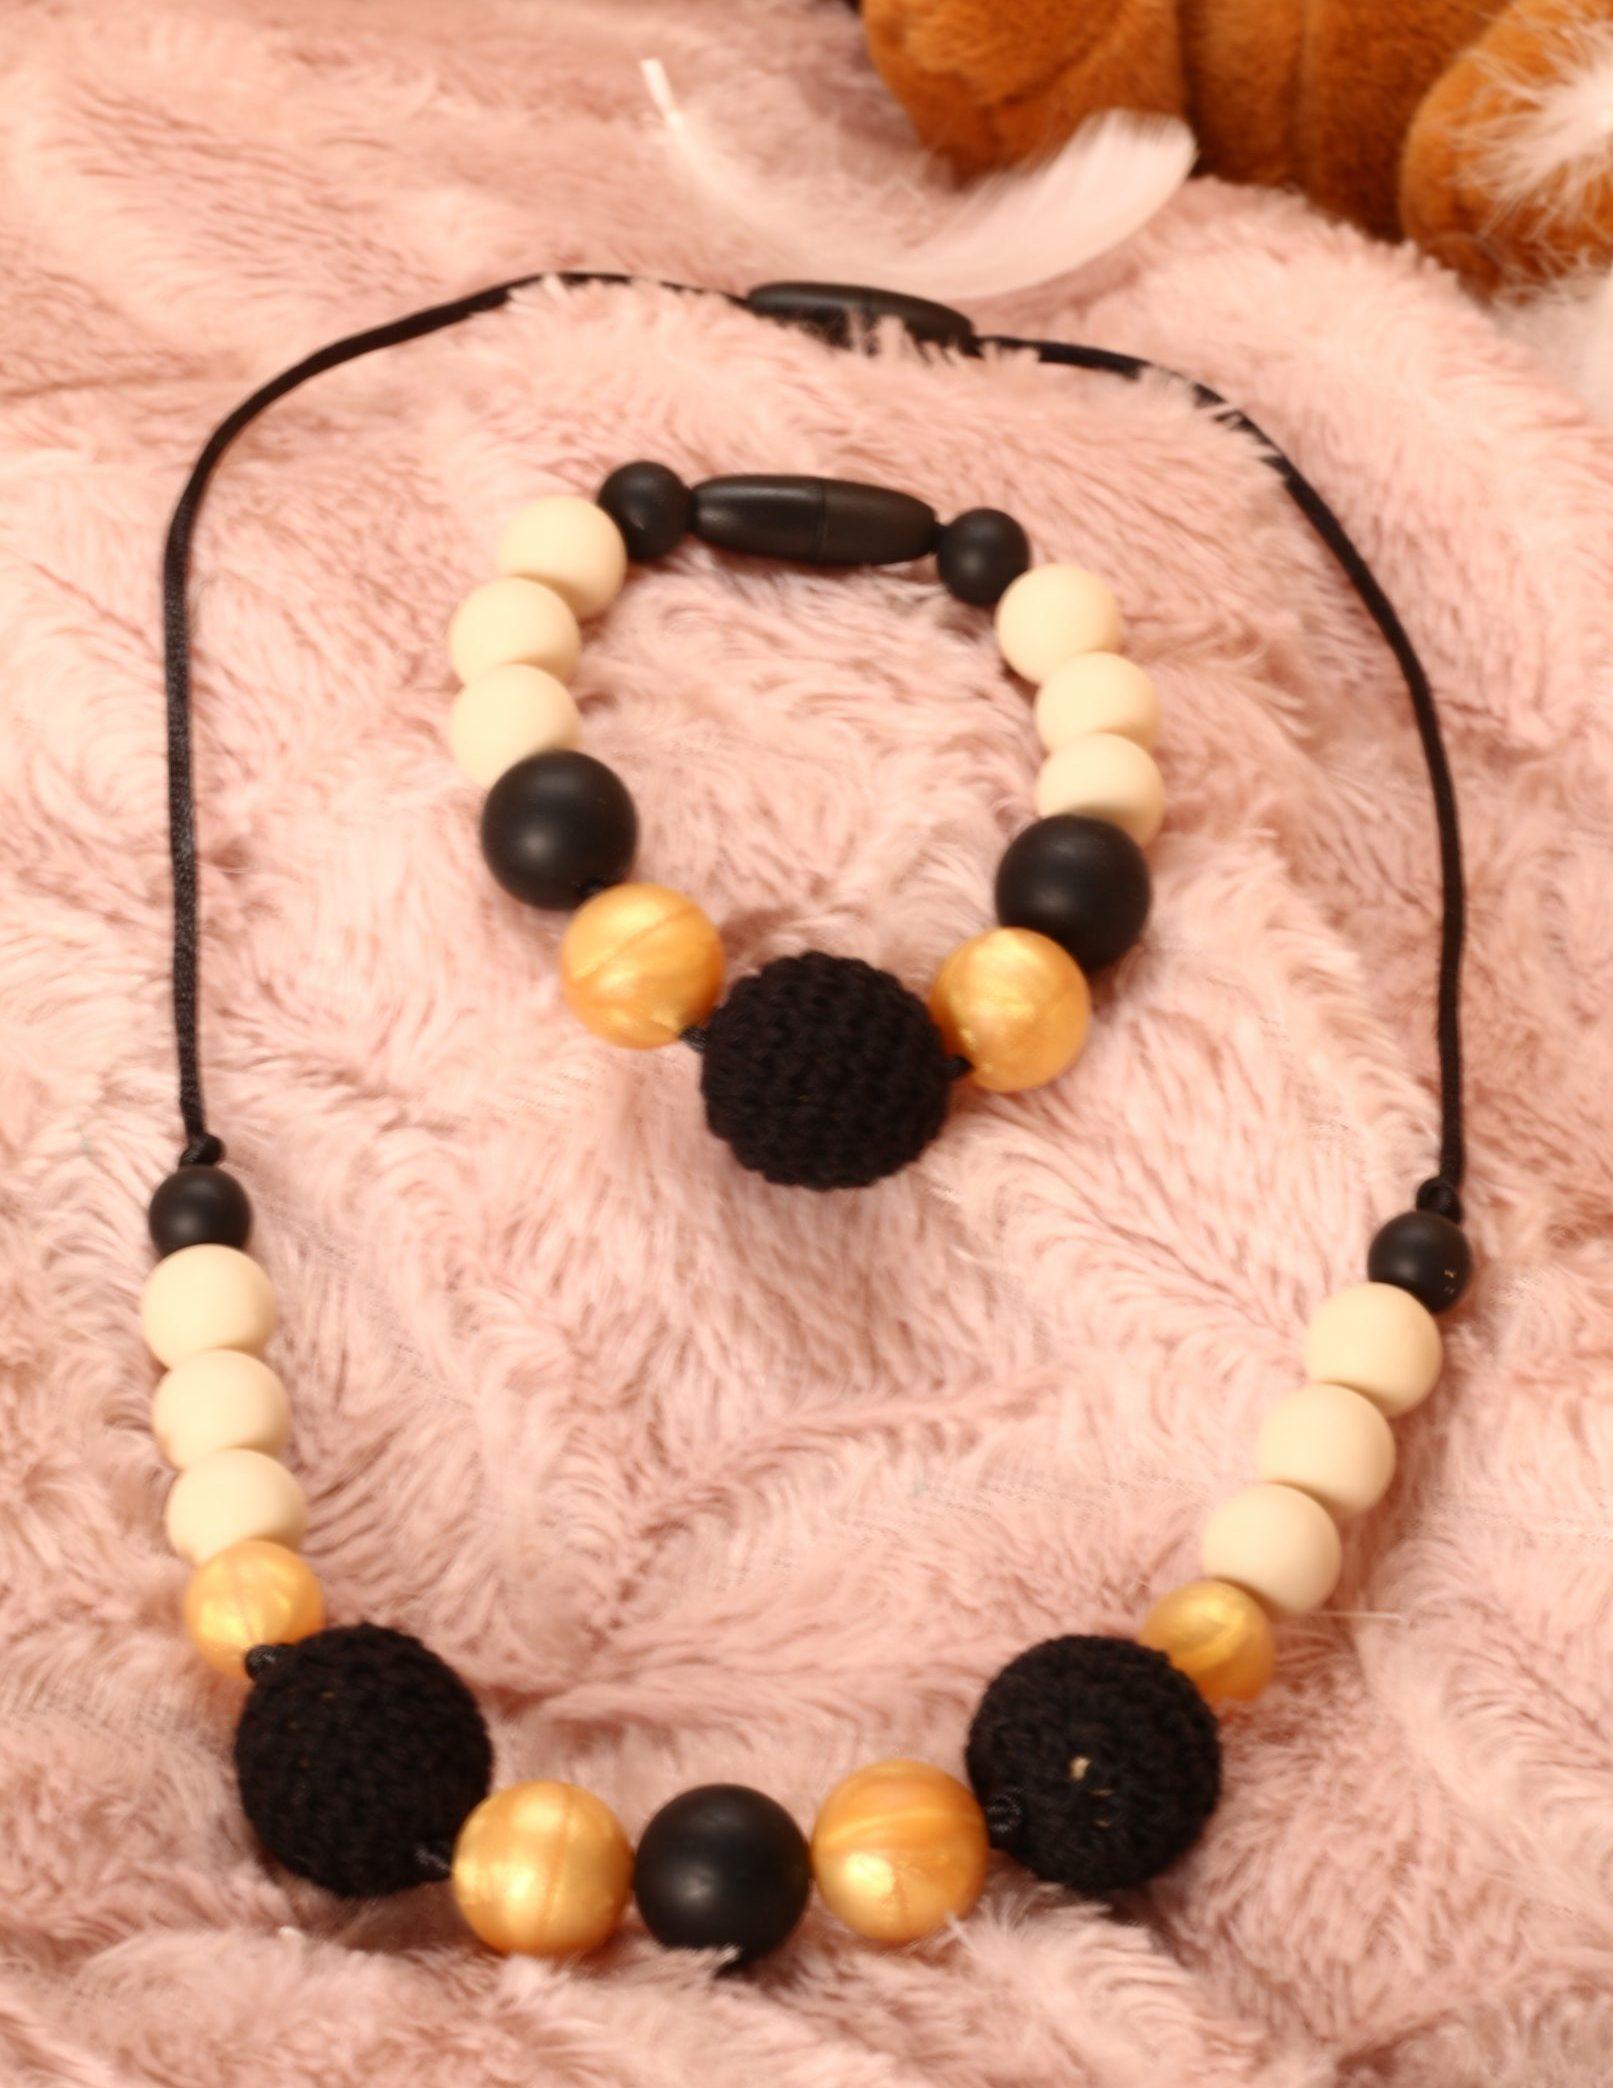 Collier et bracelet de portage et d'allaitement silicone fait main - beige, doré et crochet noir. Calino Crea